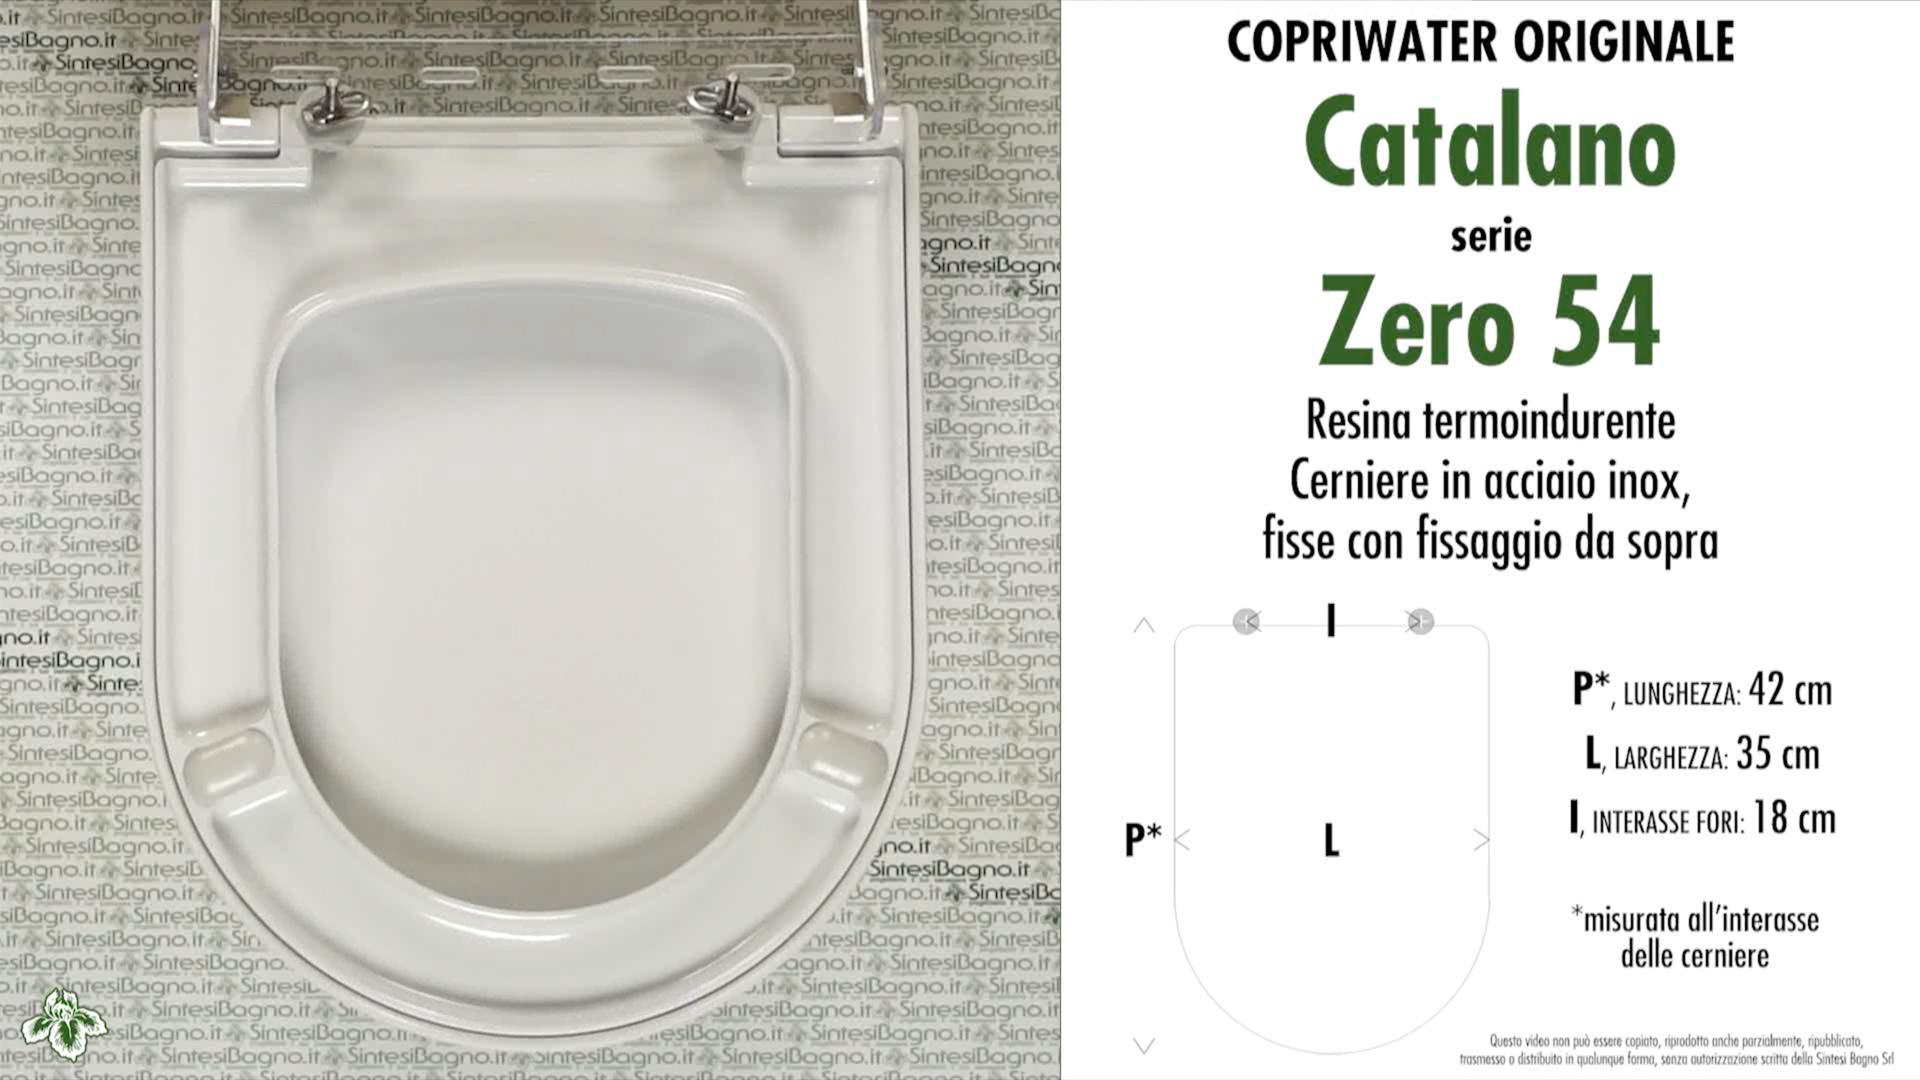 SCHEDA TECNICA MISURE copriwater CATALANO ZERO 54